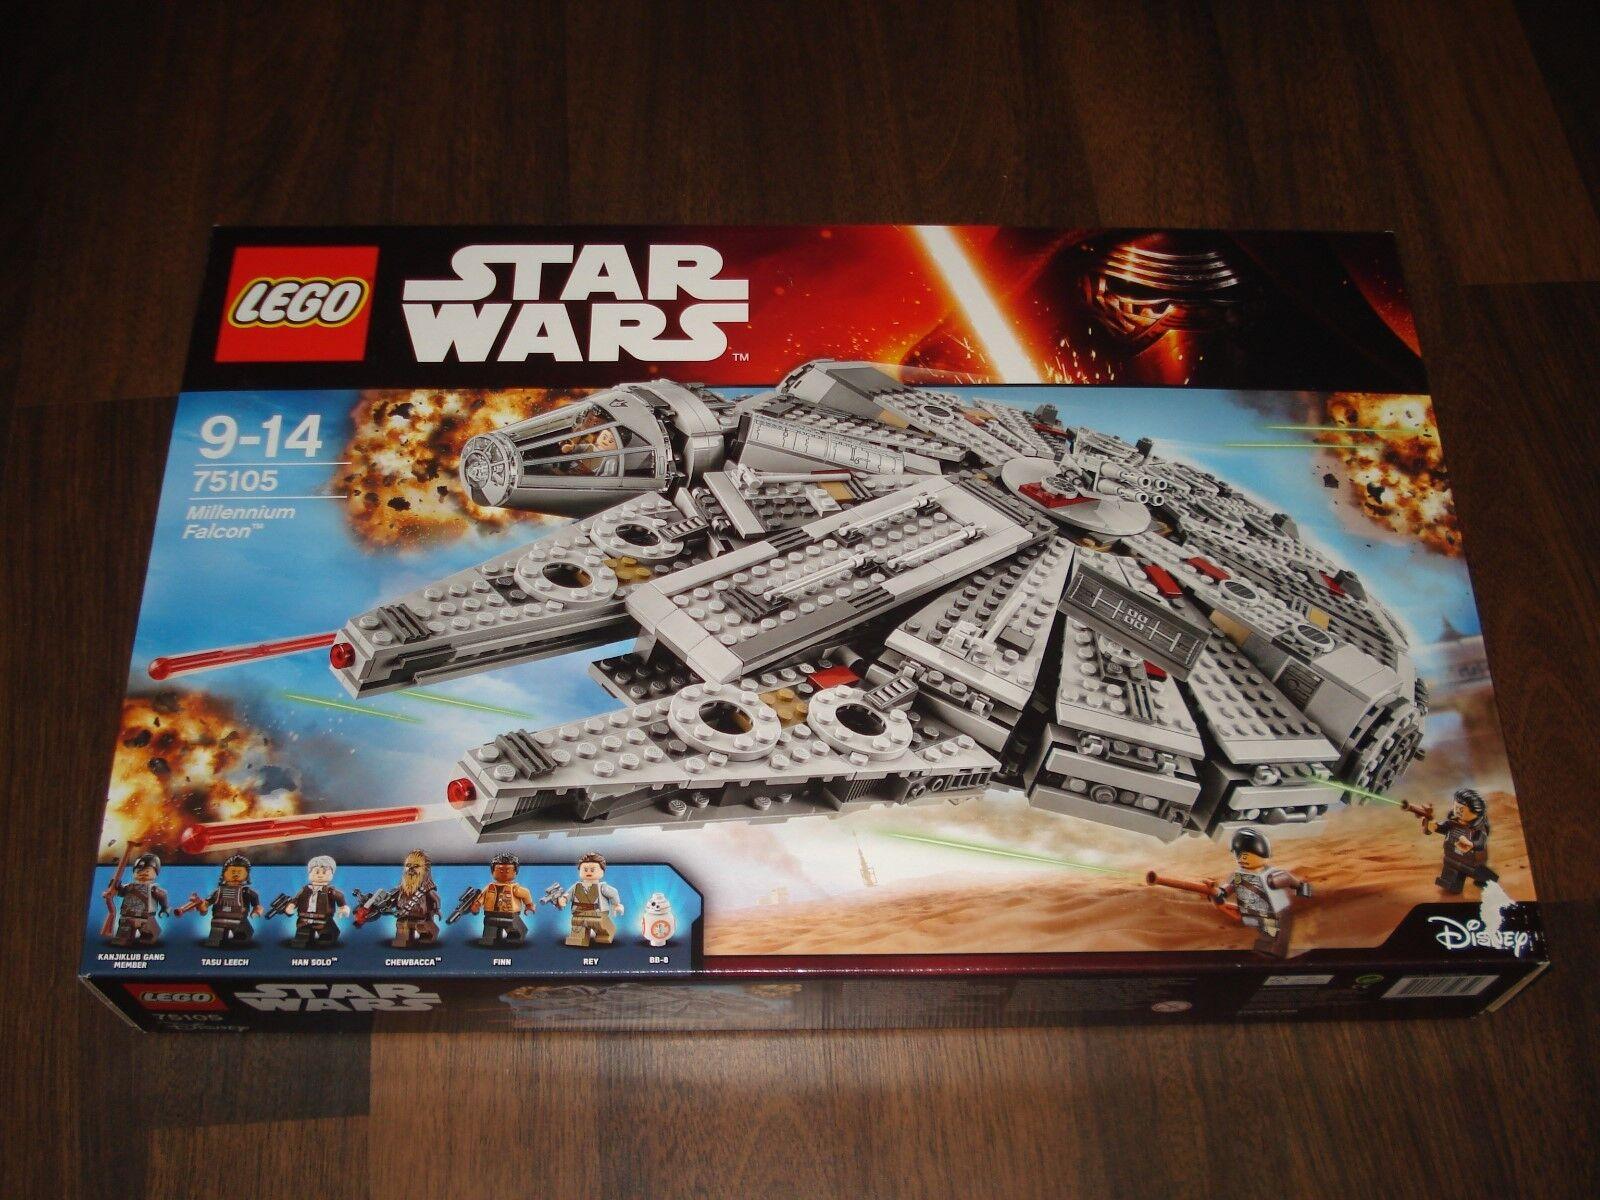 *BRAND NEW* Lego Star Wars 75105 Millennium Falcon Star Wars MISB Set x 1